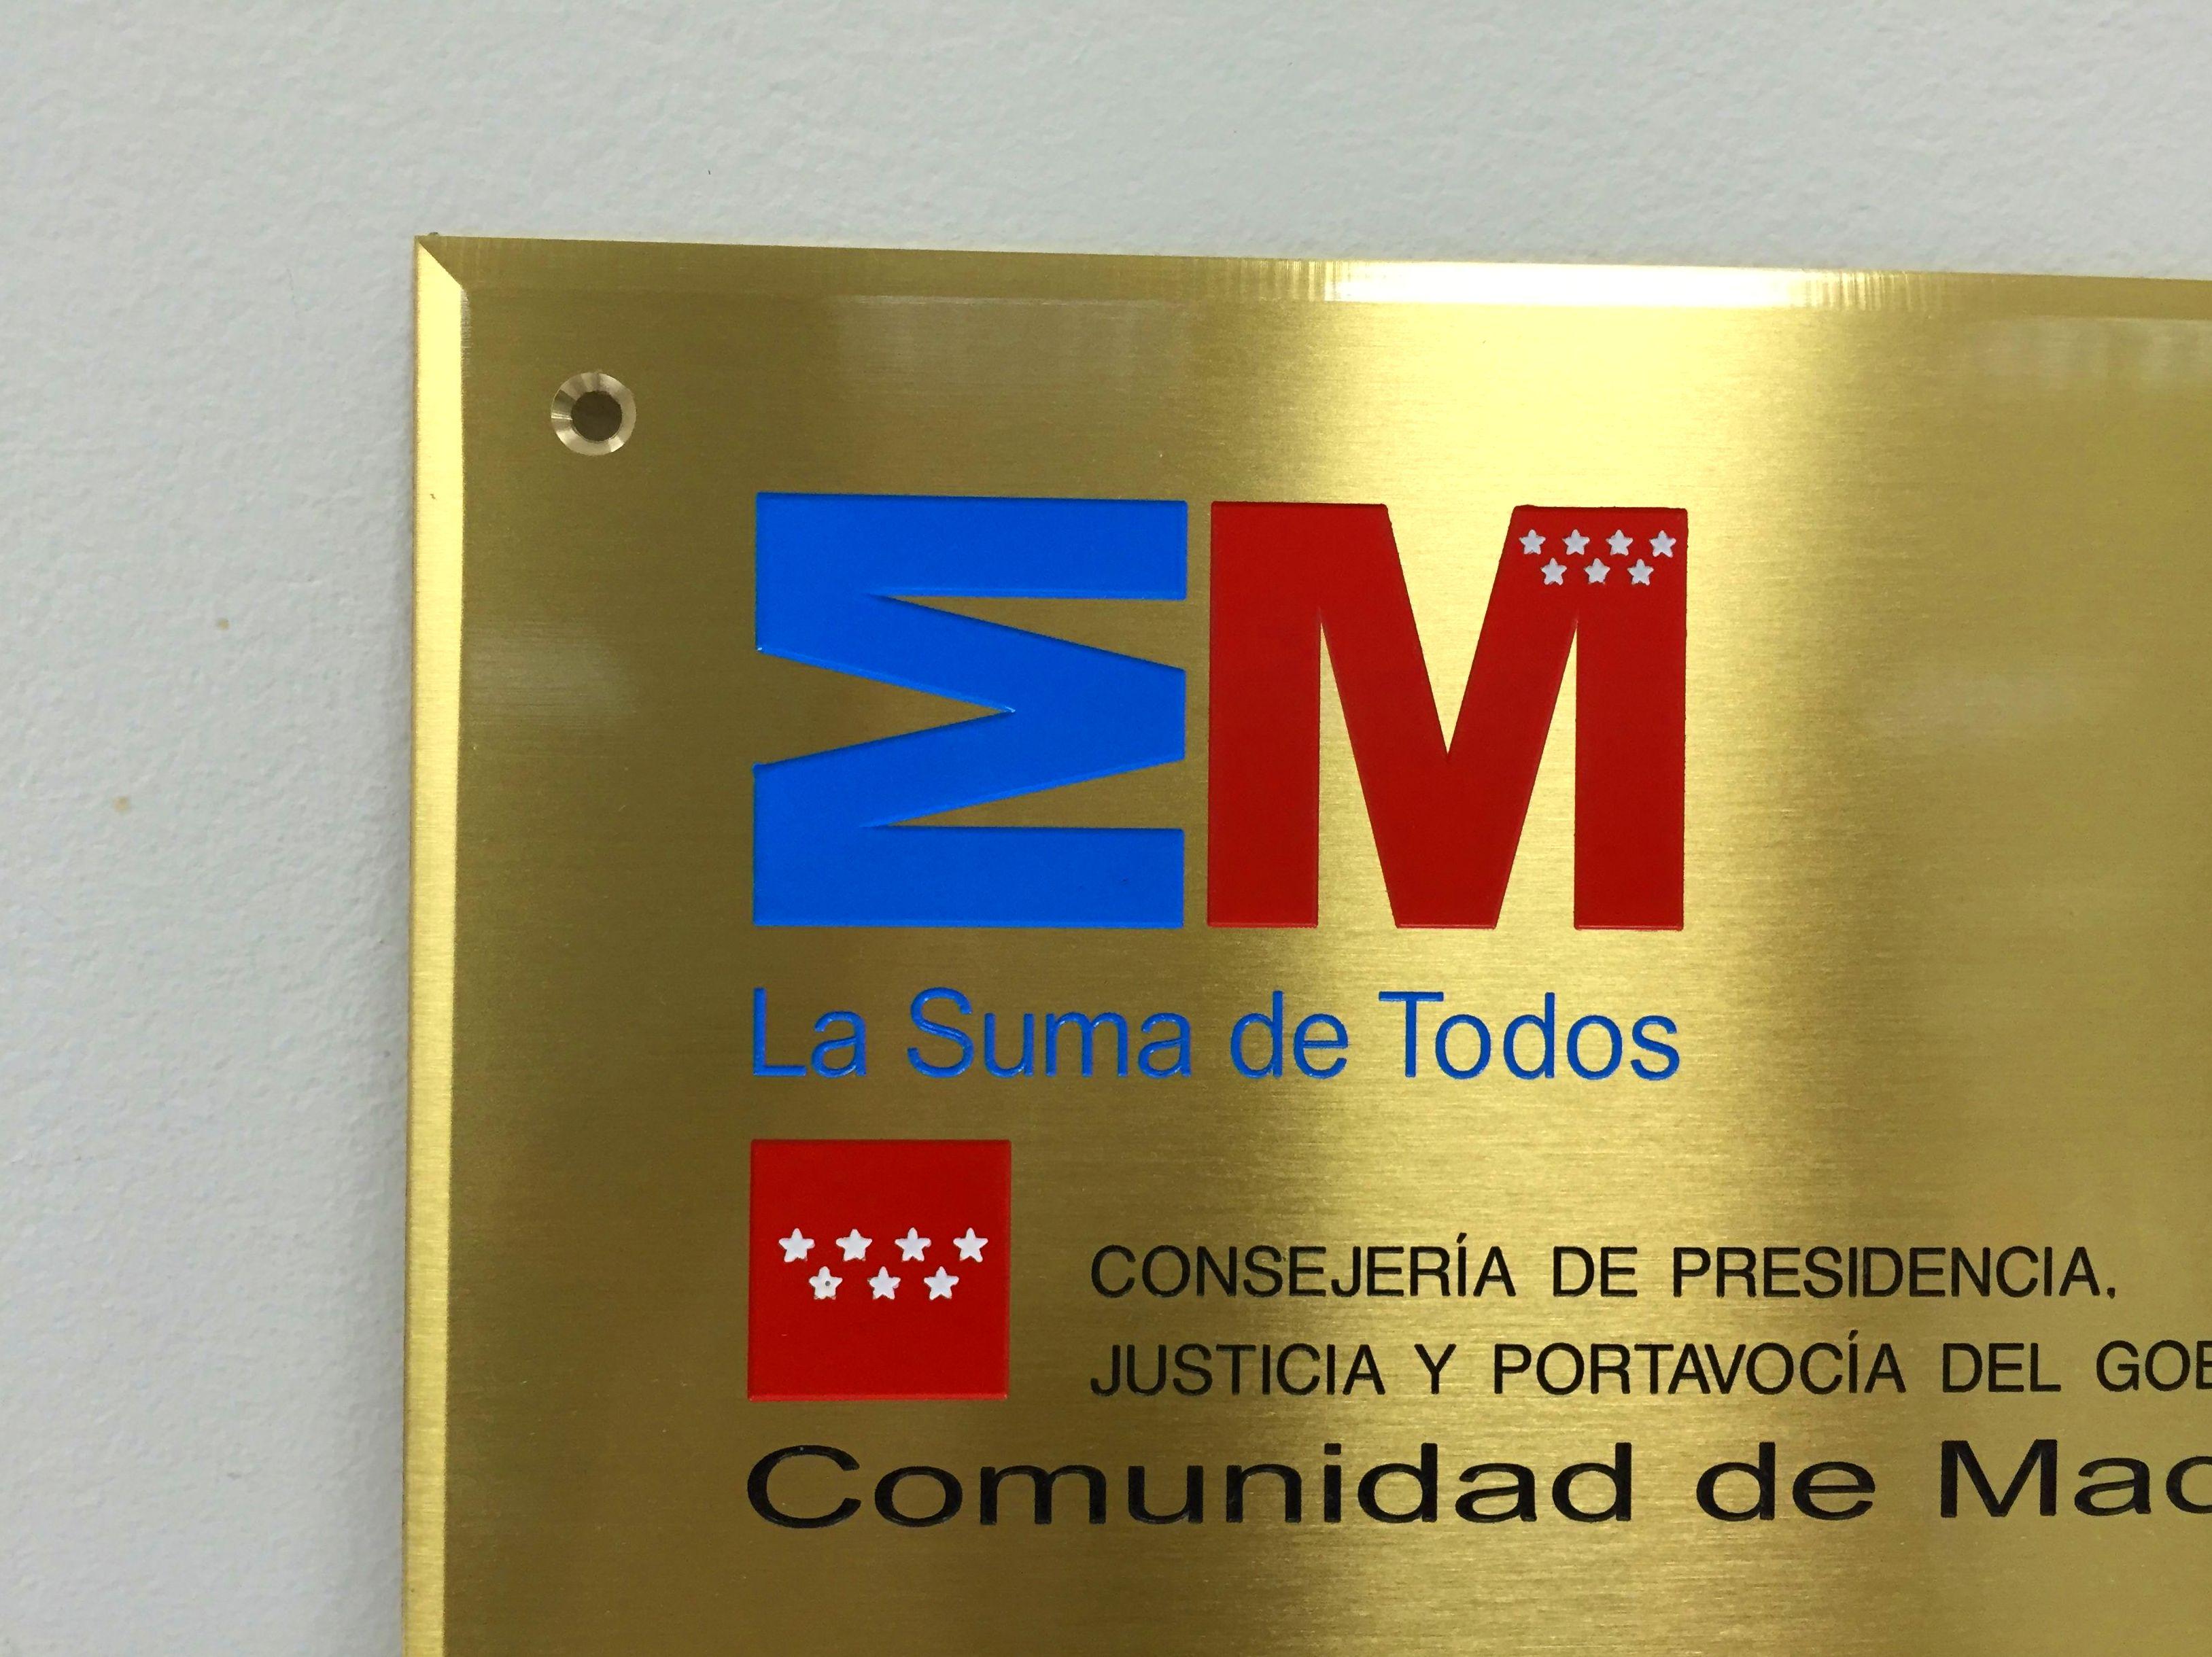 PLACA DE LATON CON TALADROS PARA INSTALACION